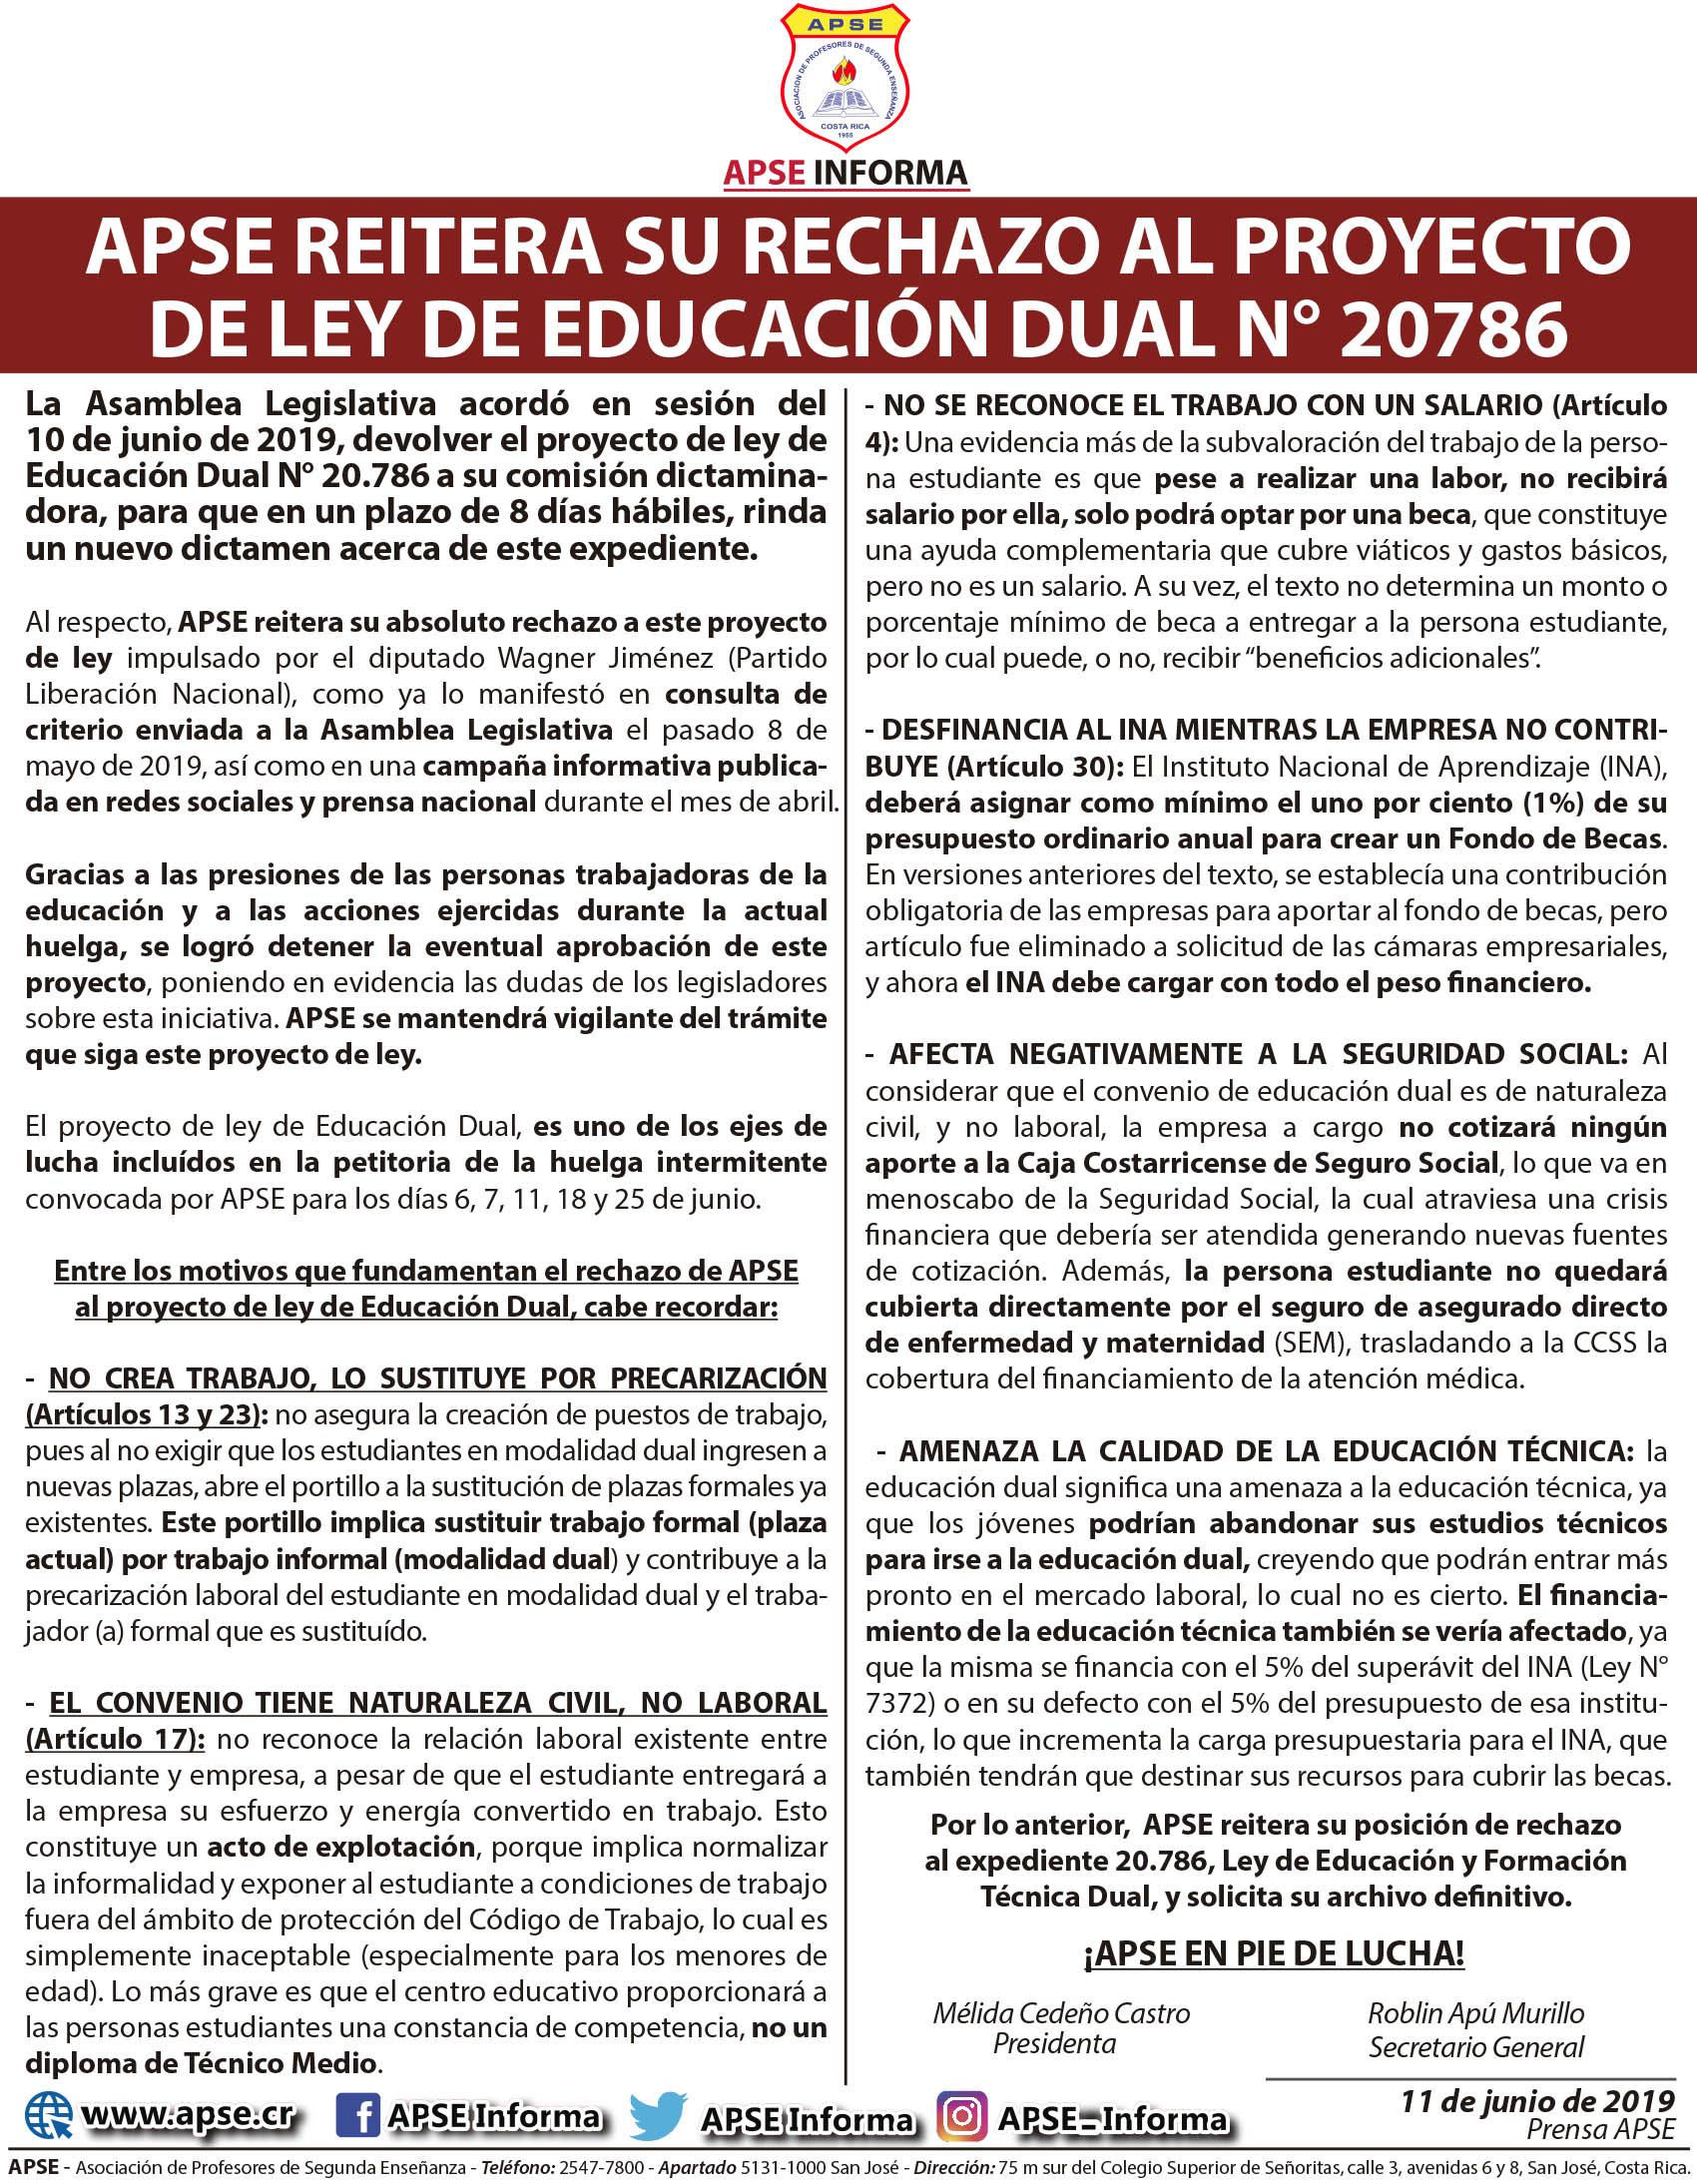 APSE REITERA SU RECHAZO AL PROYECTO DE LEY DE EDUCACIÓN DUAL N° 20786